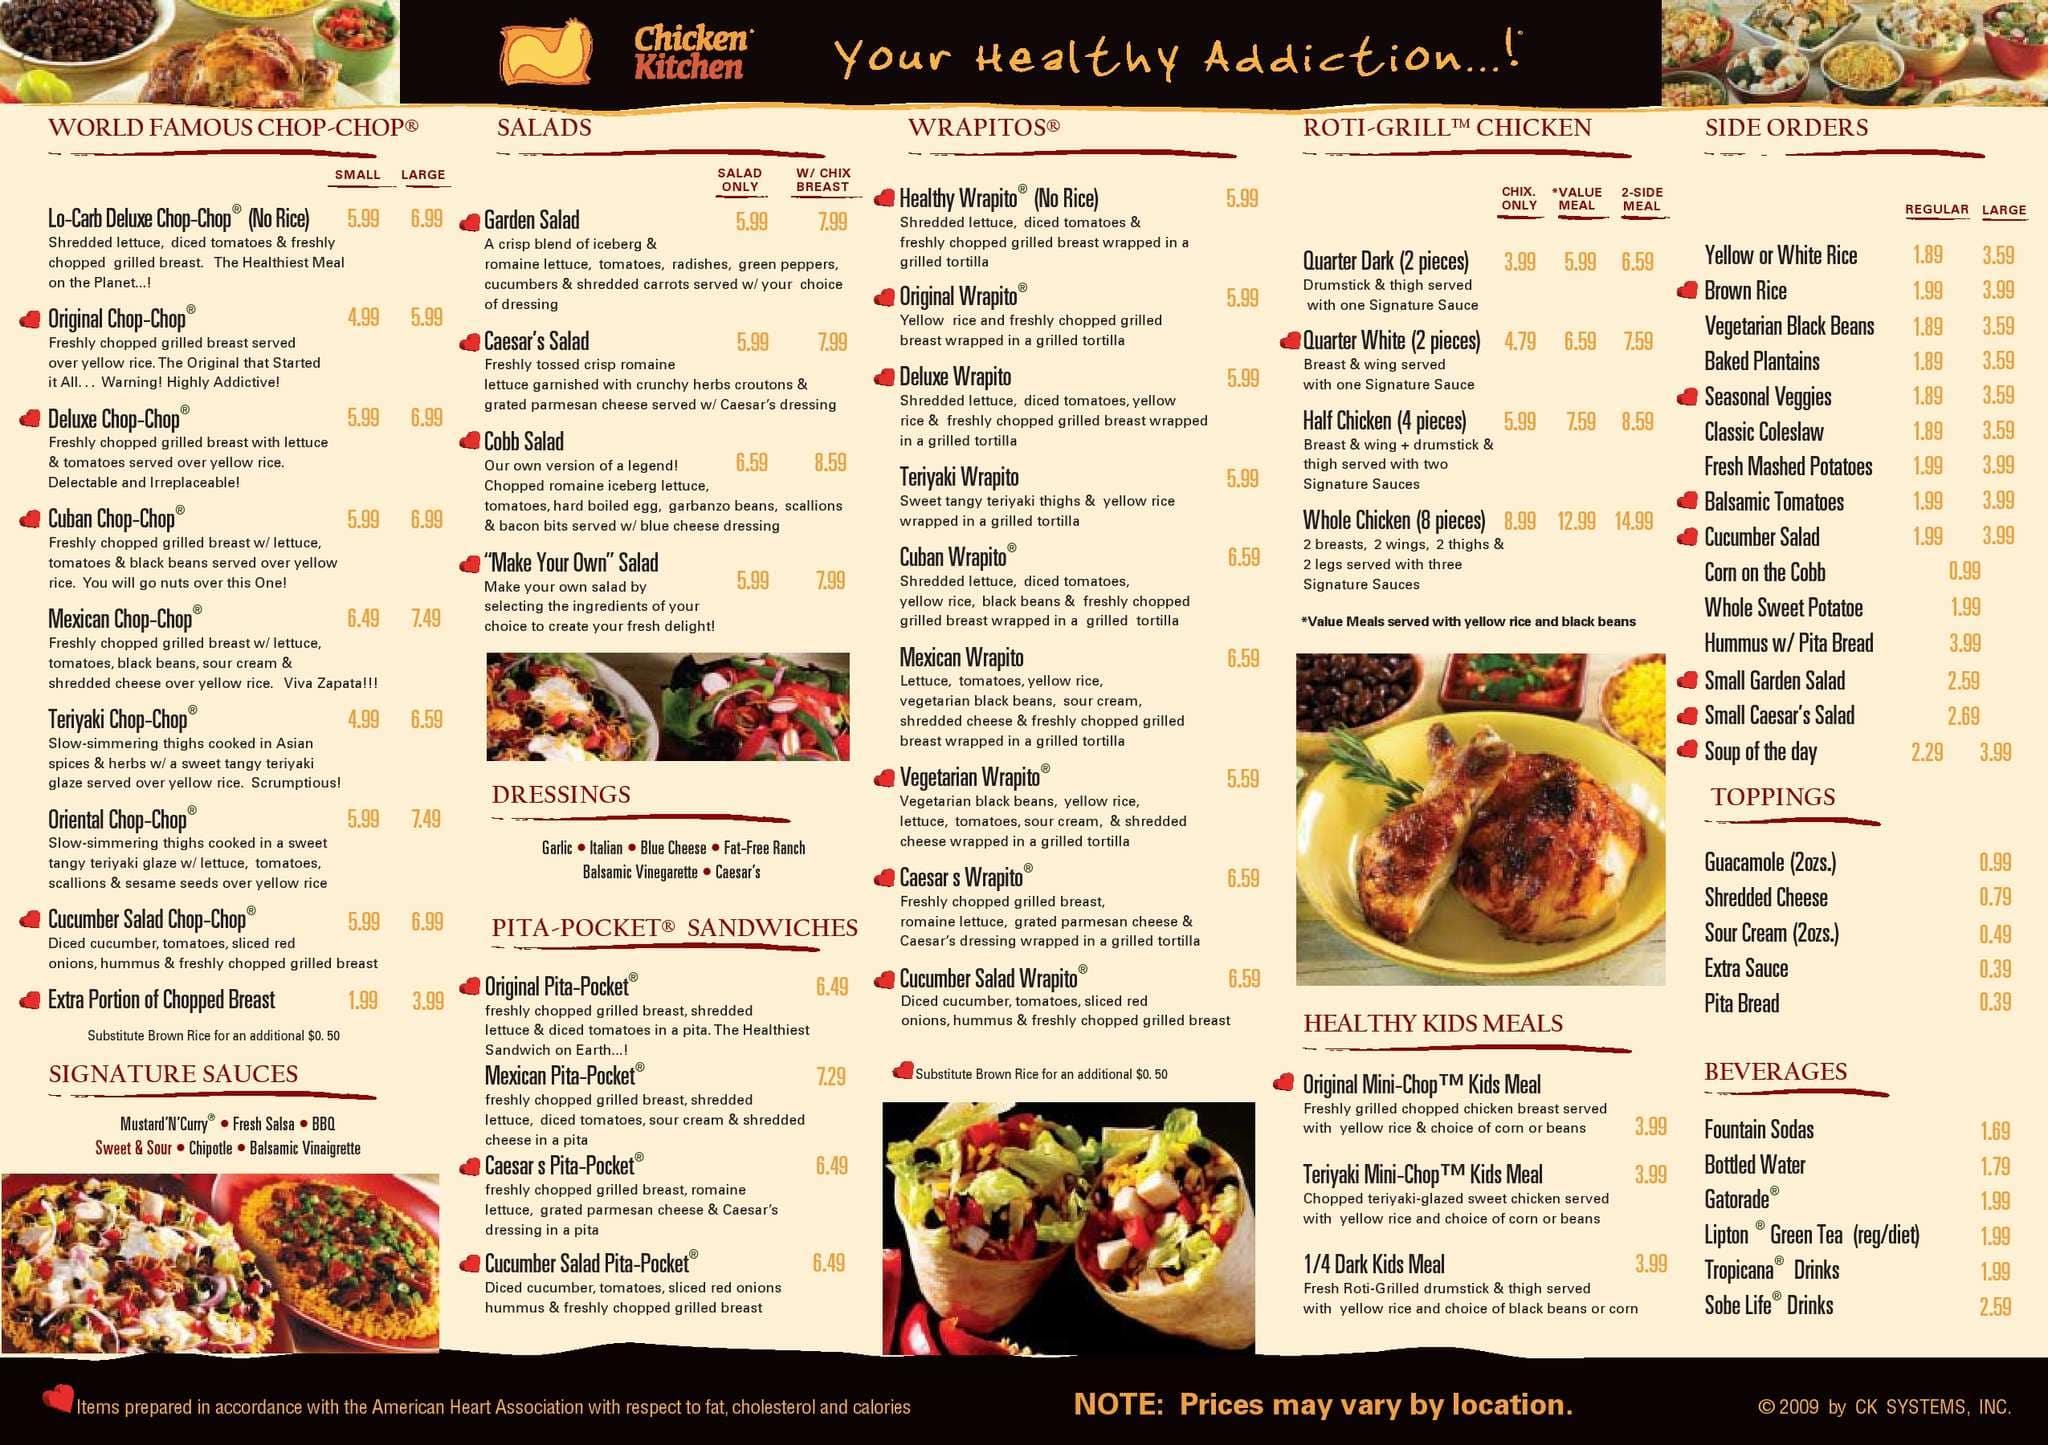 chicken kitchen menu, menu for chicken kitchen, south miami, miami